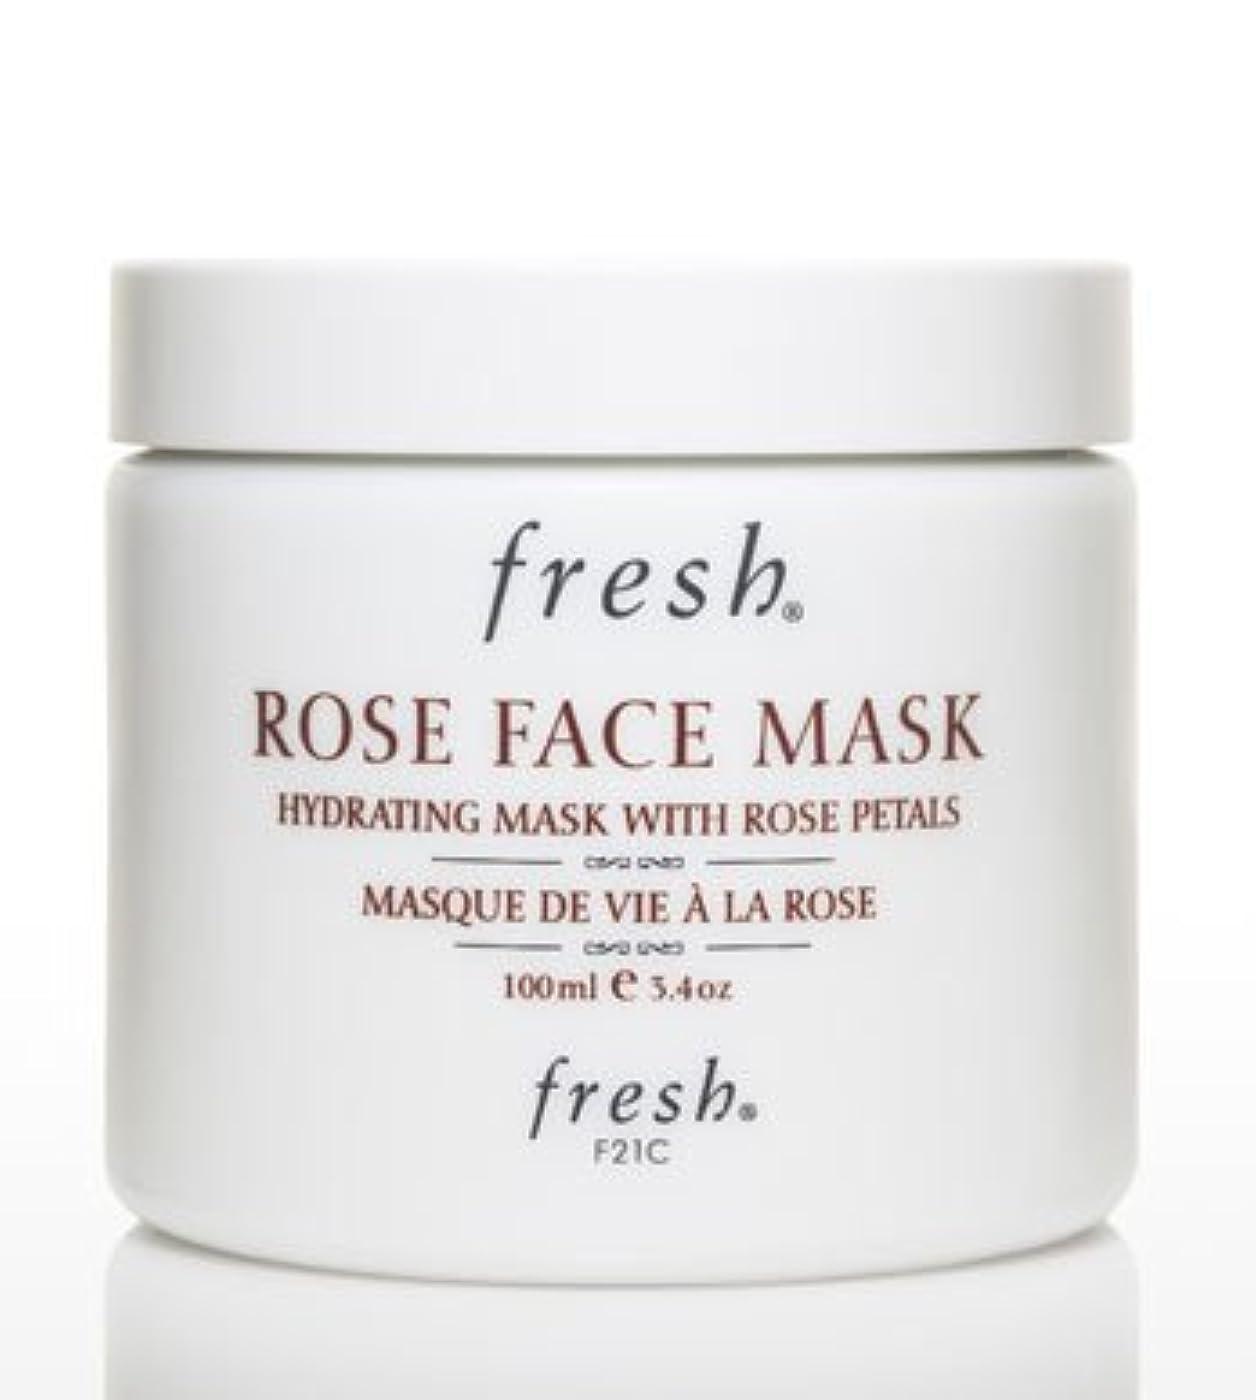 豊かにするデータ戸口Fresh ROSE FACE MASK (フレッシュ ローズフェイスマスク) 3.4 oz (100g) by Fresh for Women